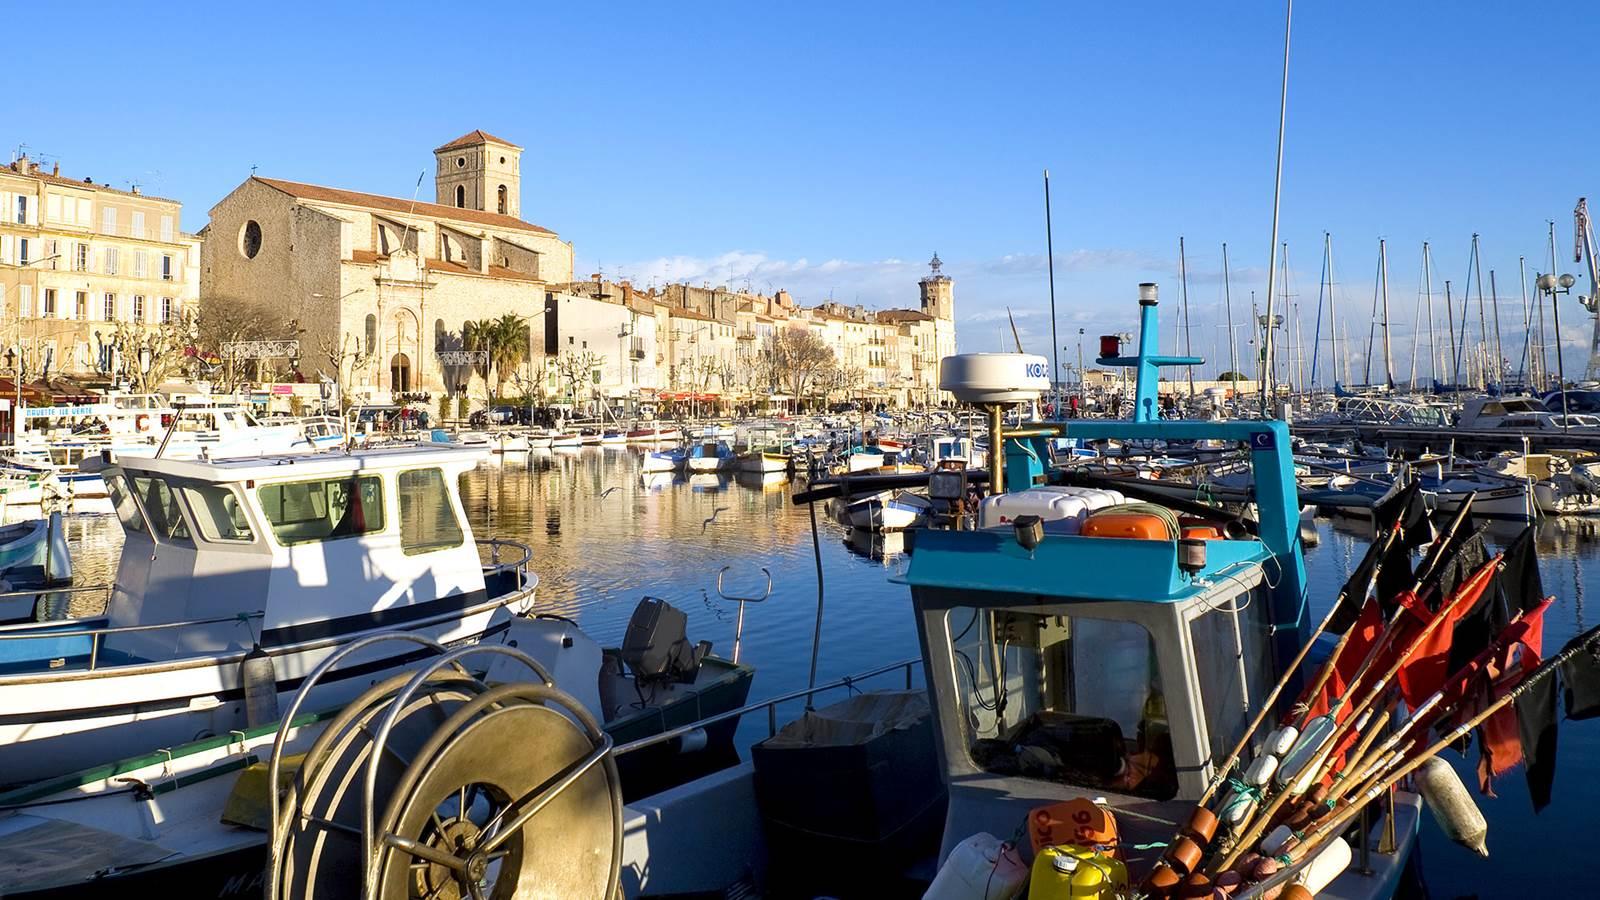 Saint-Cyr-sur-Mer, La Ciotat et la baie des Lecques